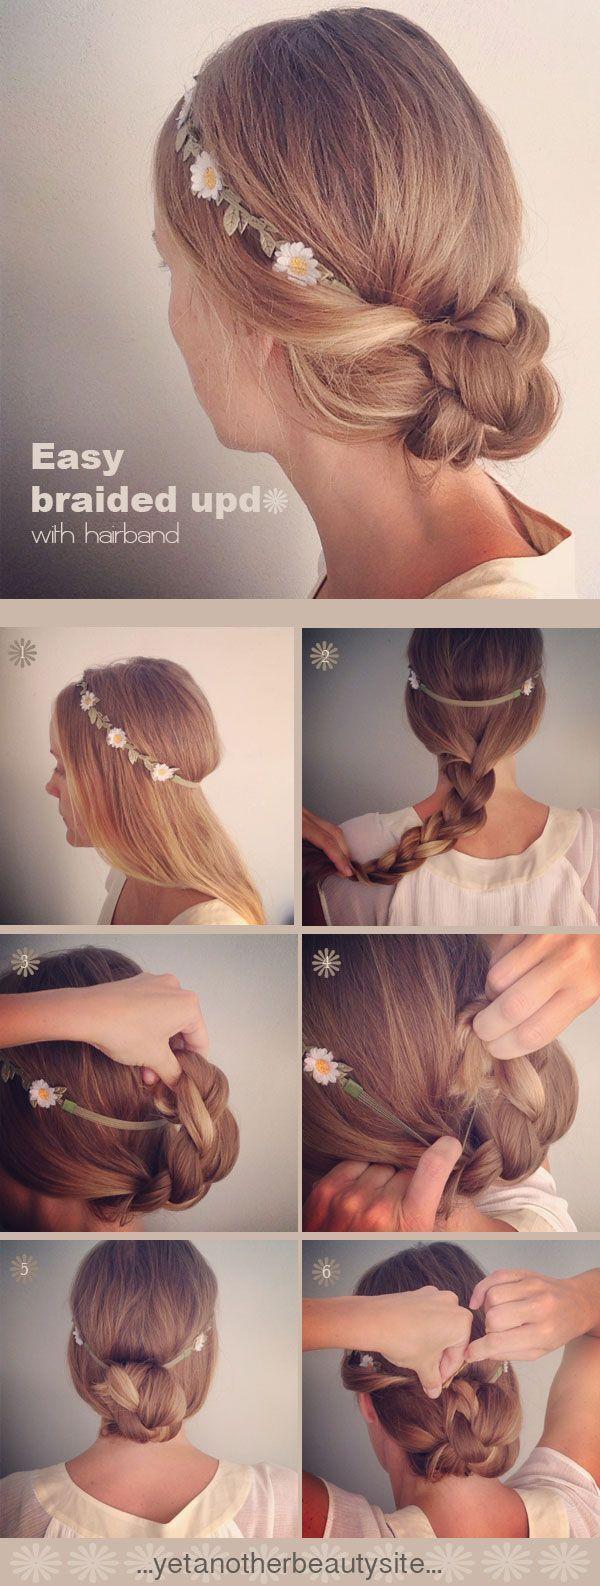 sweetで可愛い編み込みのヘアアレンジcollection♡にて紹介している画像